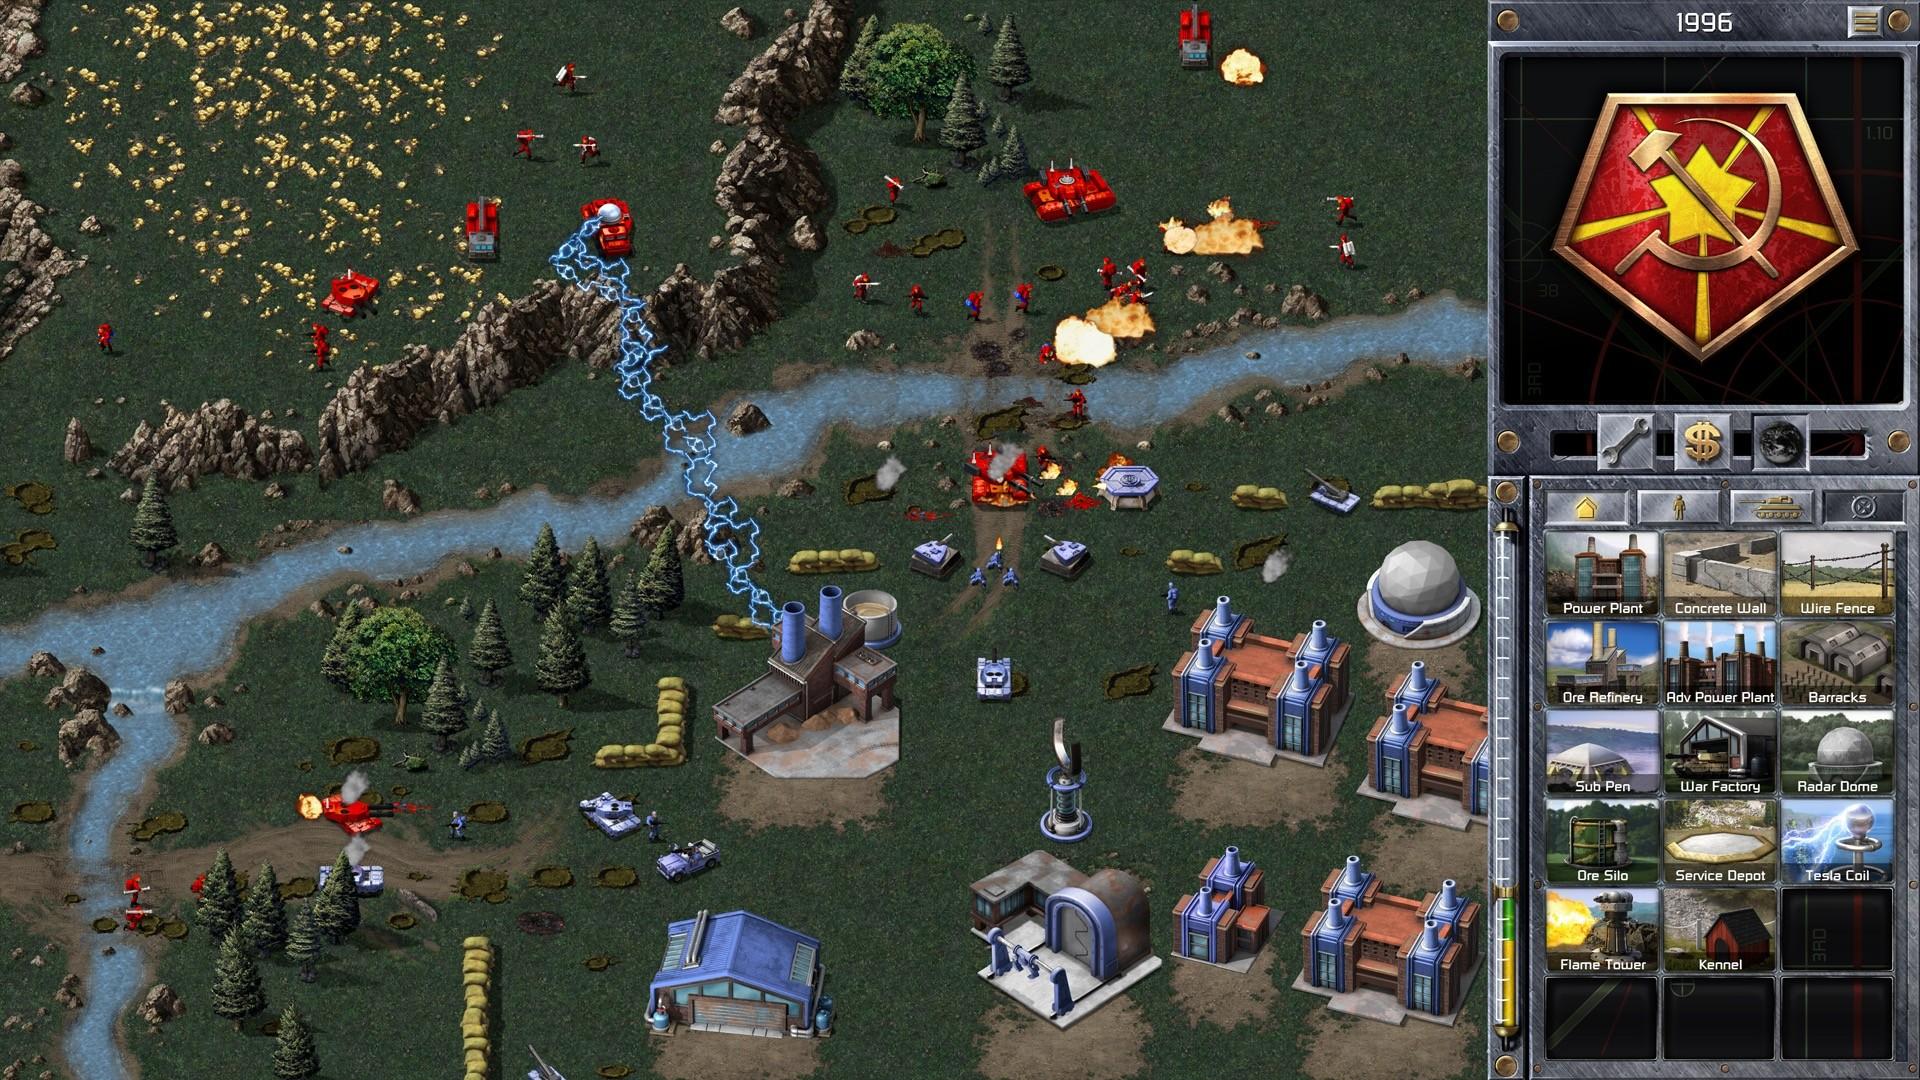 Command & Conquer festeggia i 25 anni con un'edizione speciale thumbnail